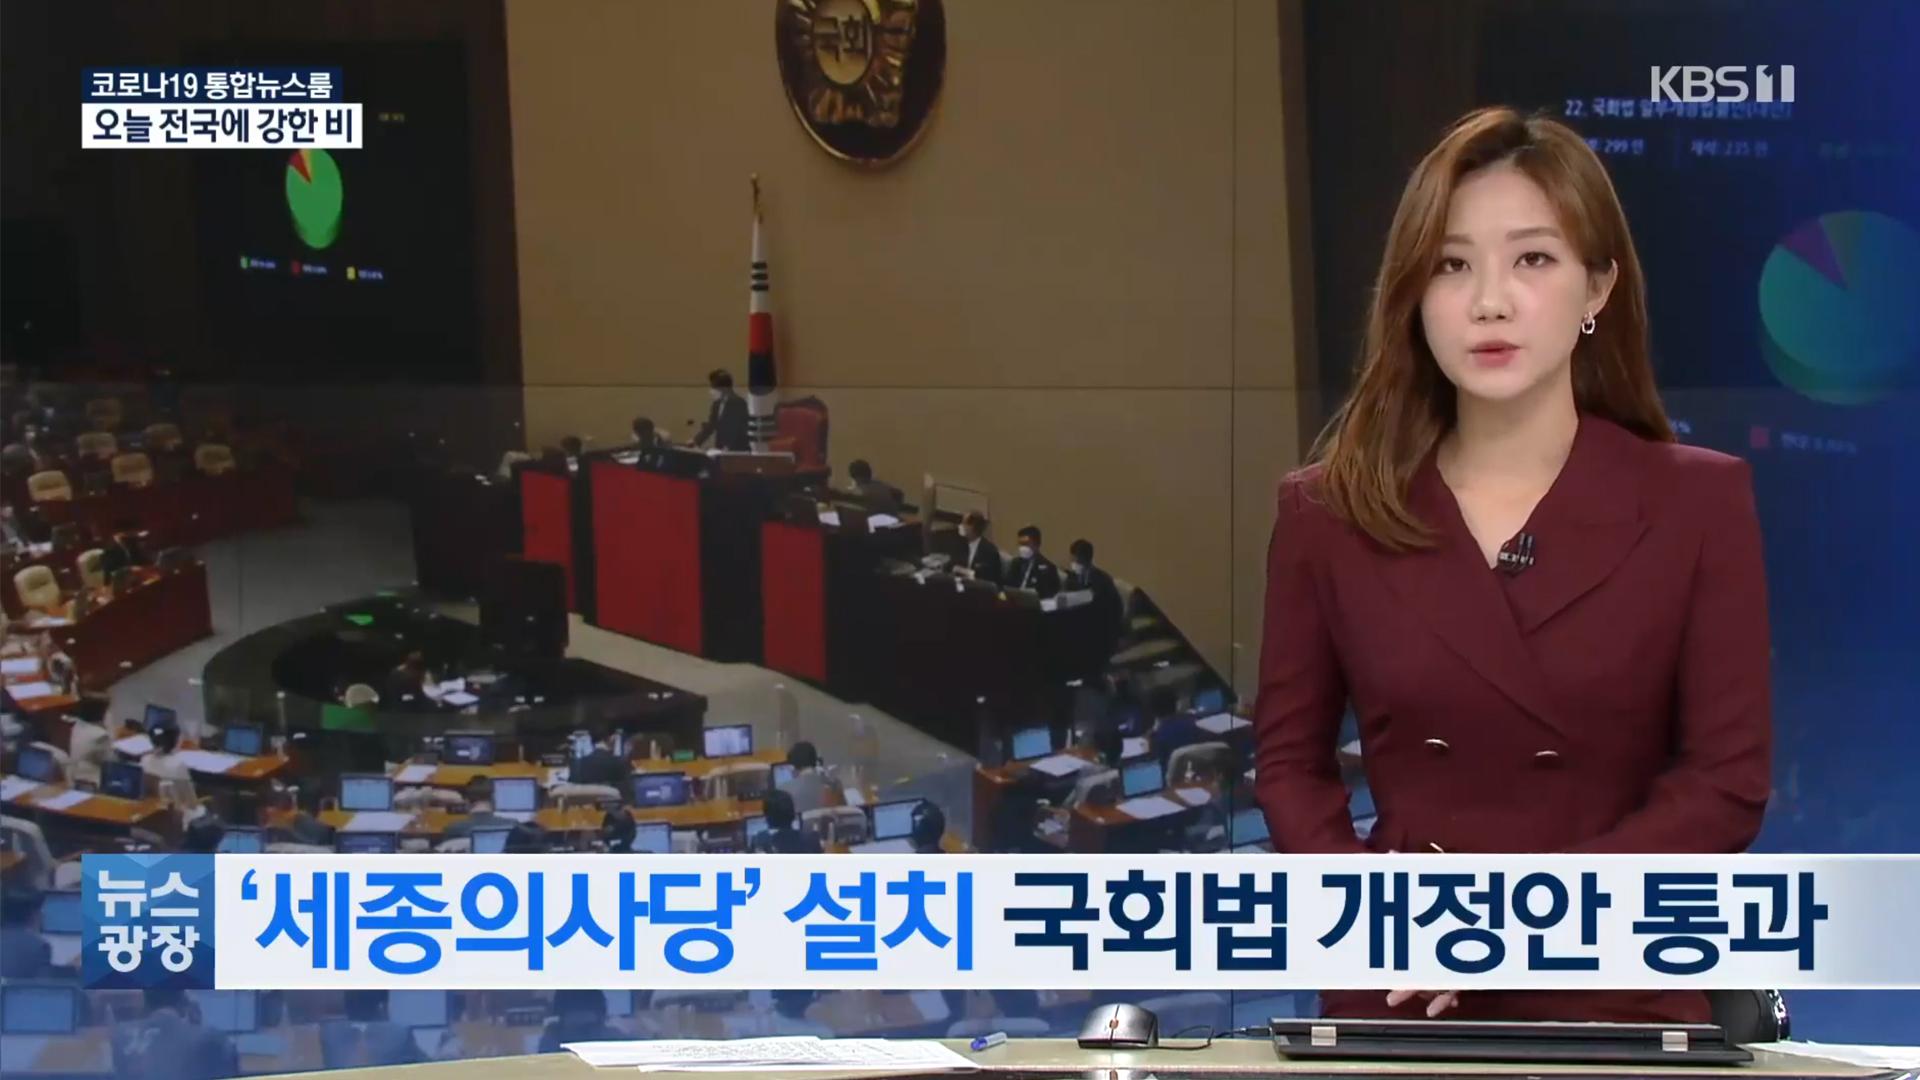 <대전 KBS> 세종의사당 설치 국회법 통과환영 정치중심지로 발돋음